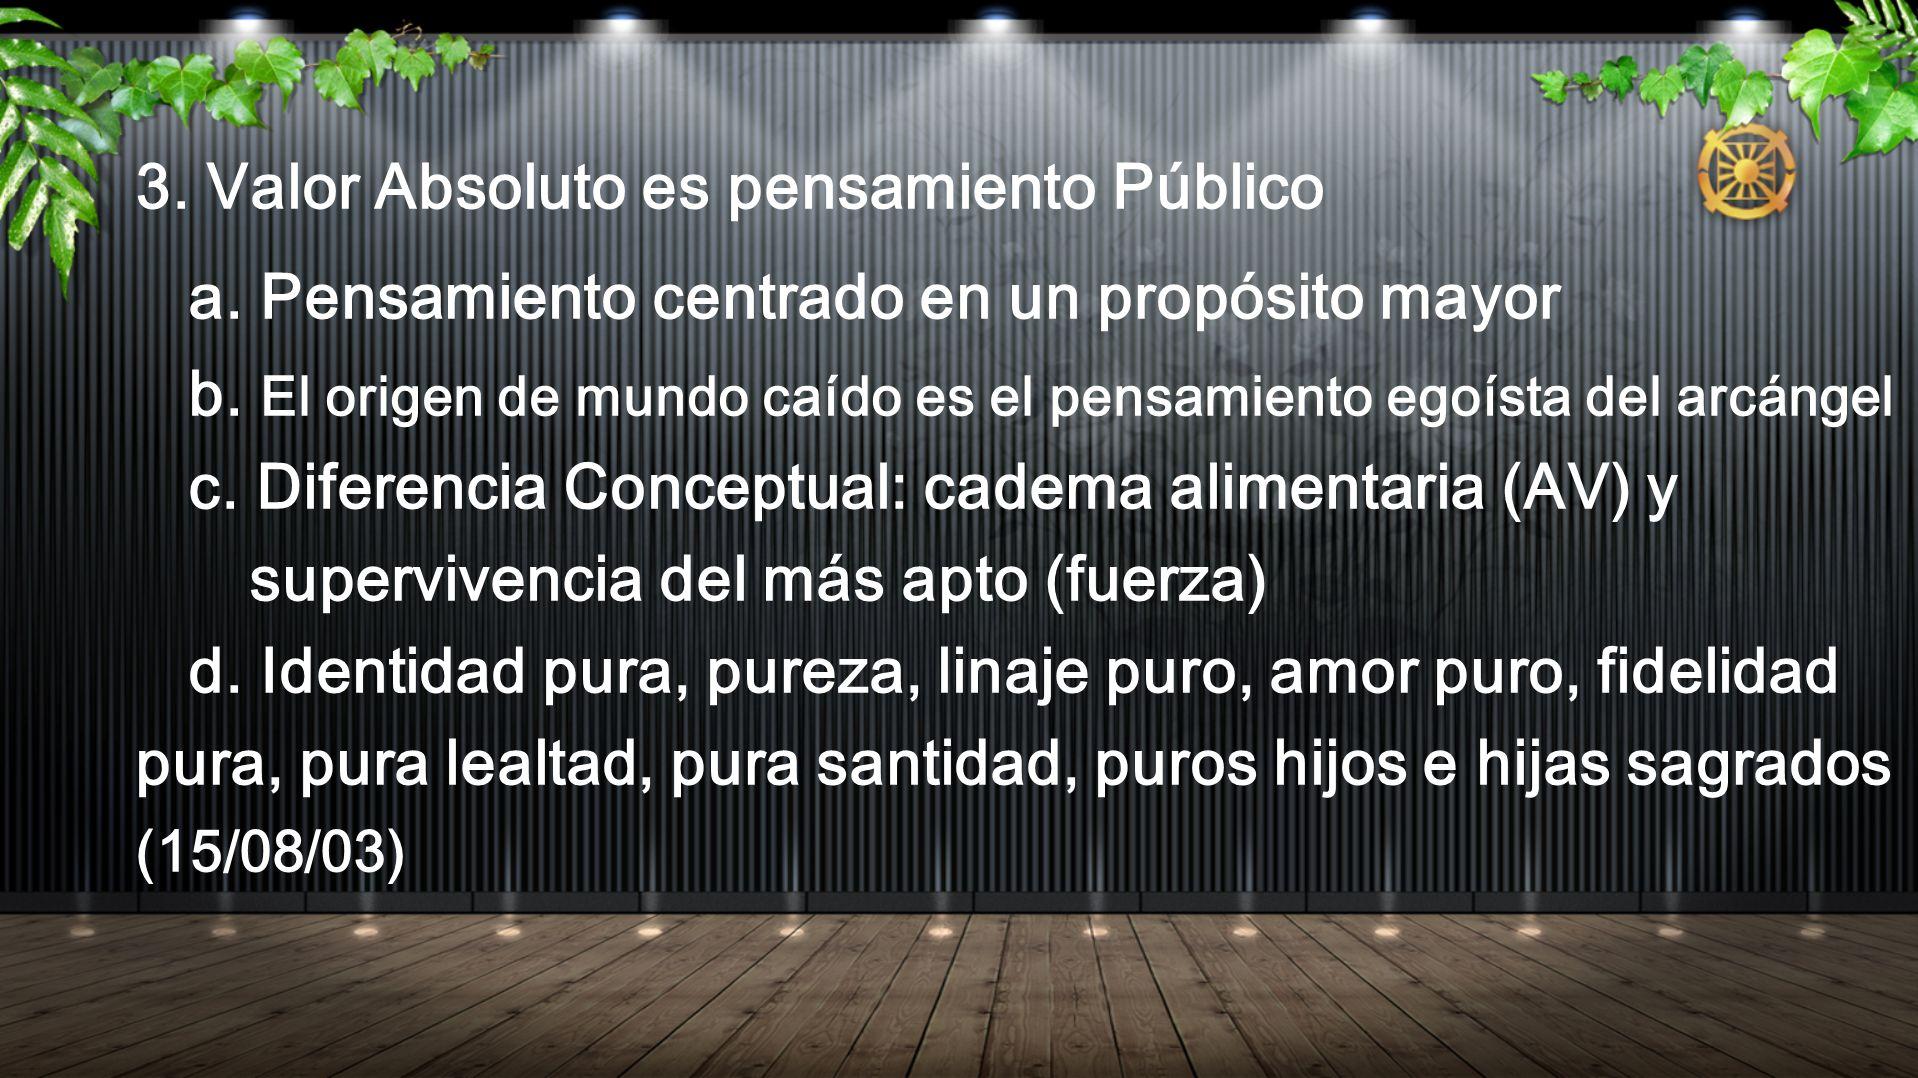 3. Valor Absoluto es pensamiento Público